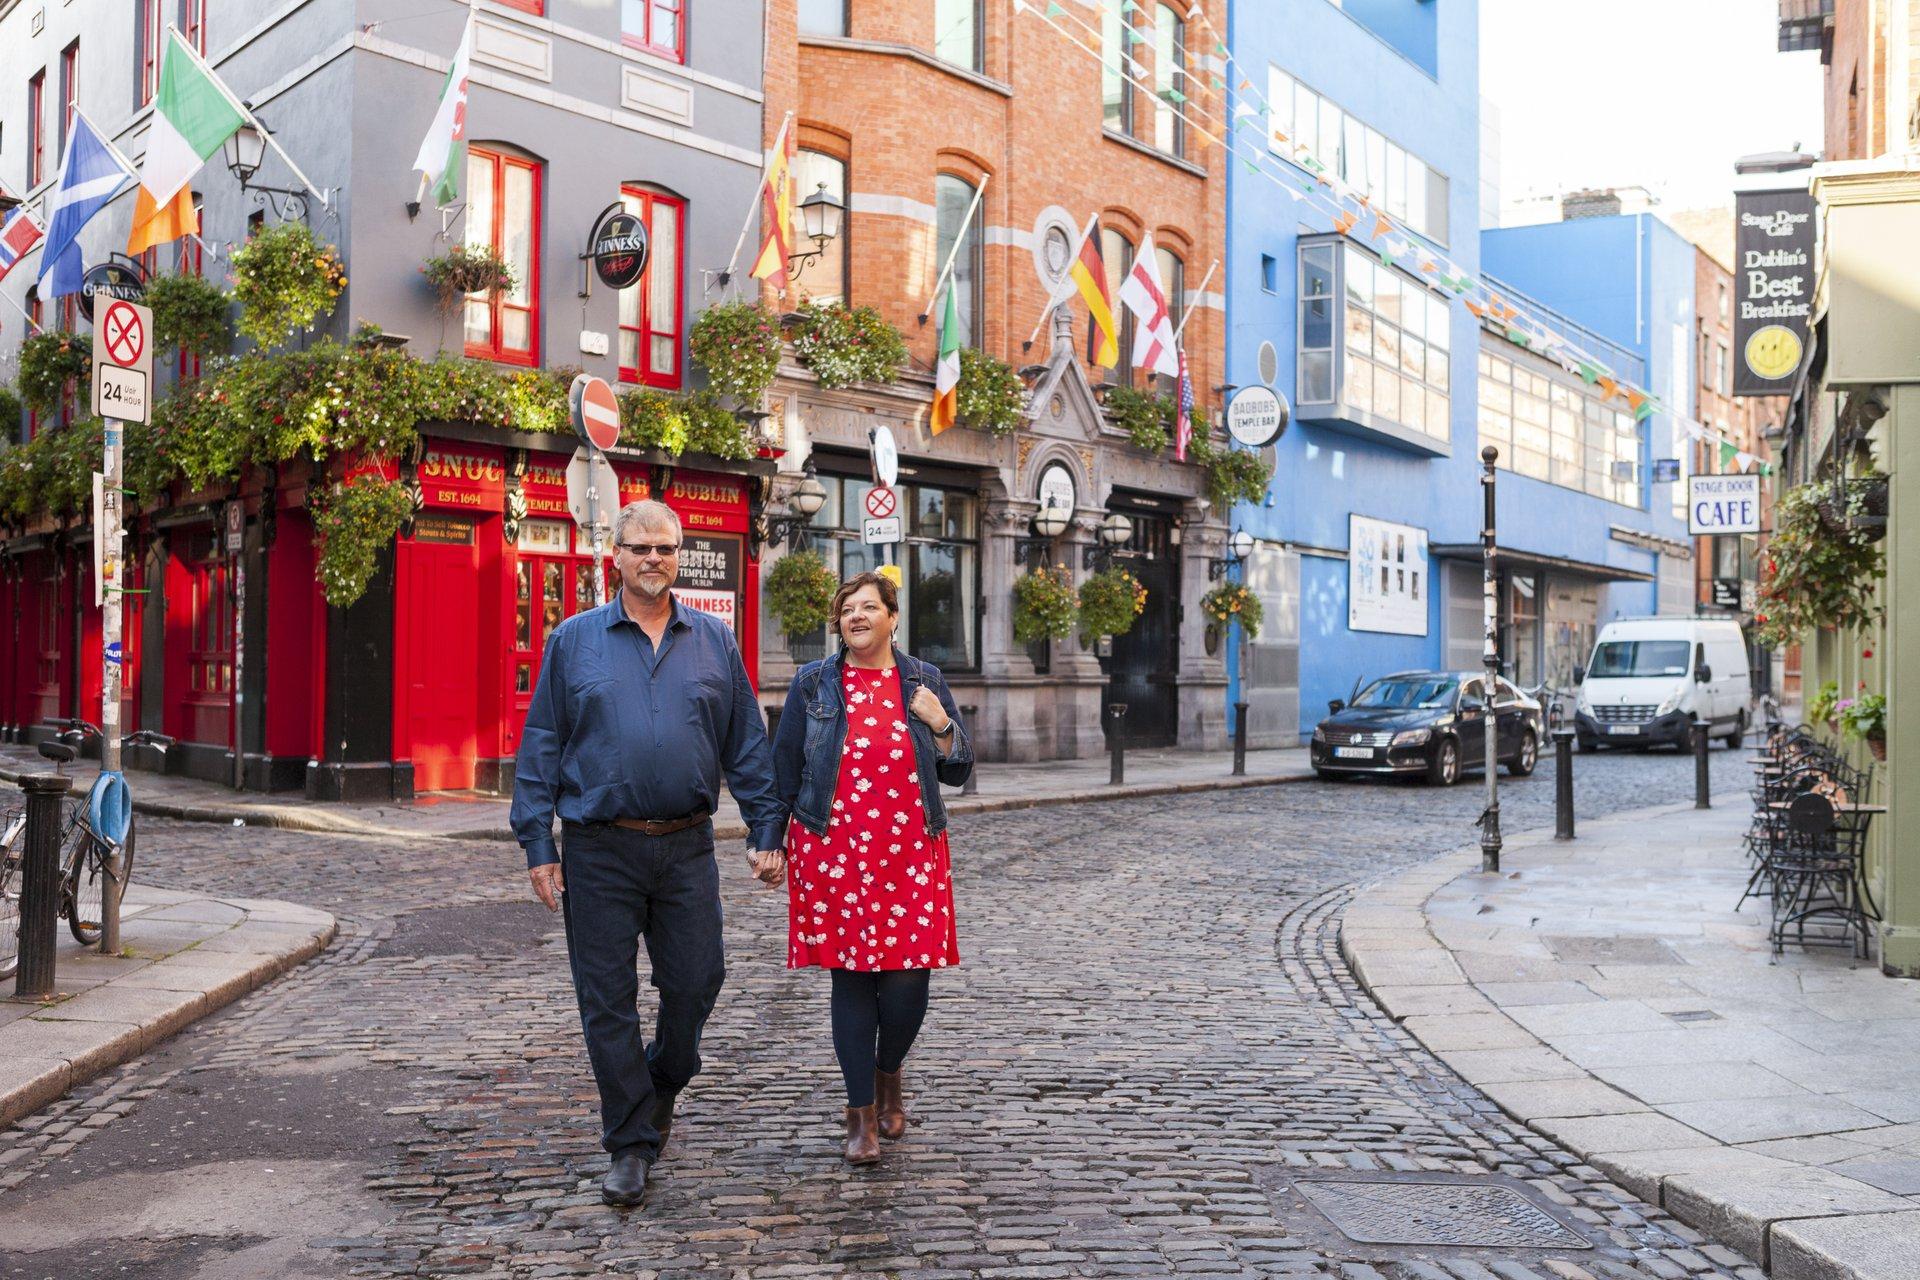 Dublin-Ireland-travel-story-Flytographer-6